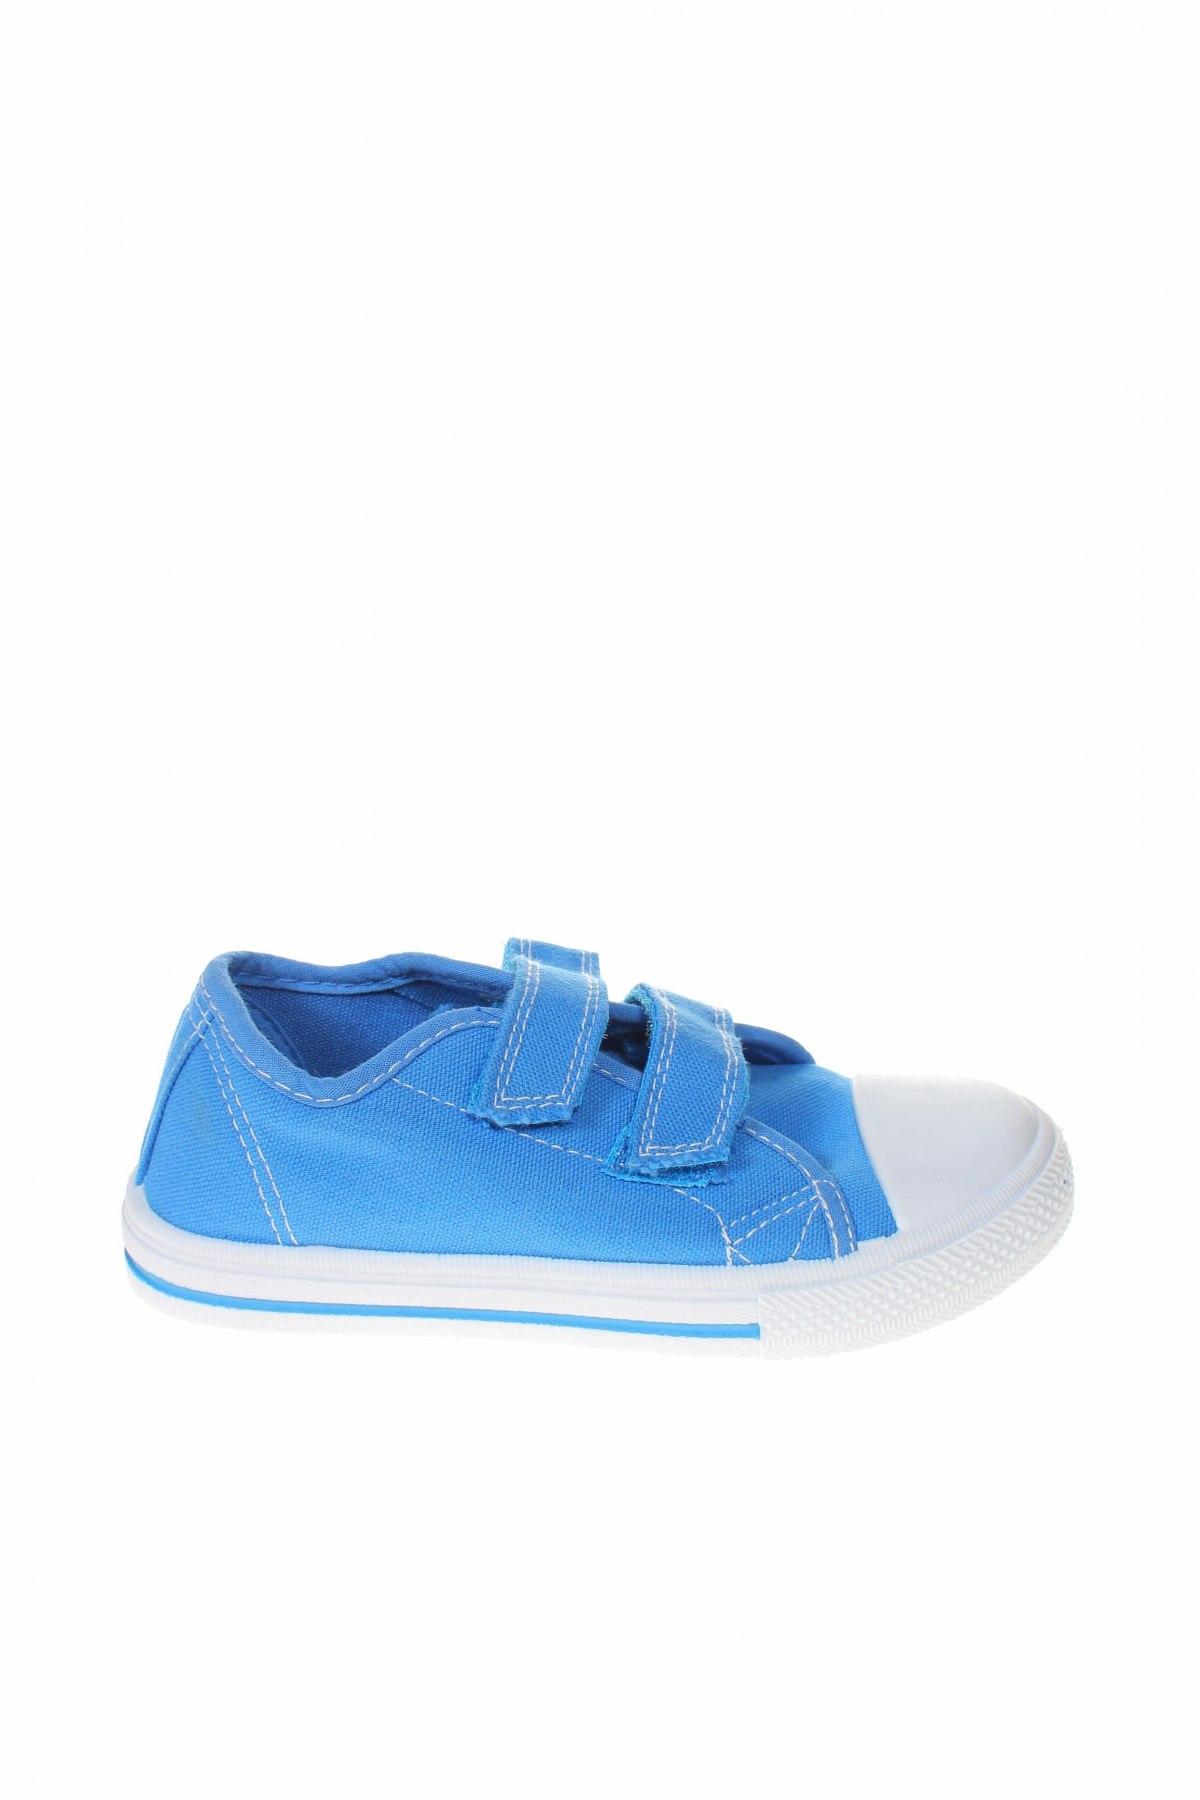 Παιδικά παπούτσια Orchestra, Μέγεθος 29, Χρώμα Μπλέ, Κλωστοϋφαντουργικά προϊόντα, Τιμή 18,95€